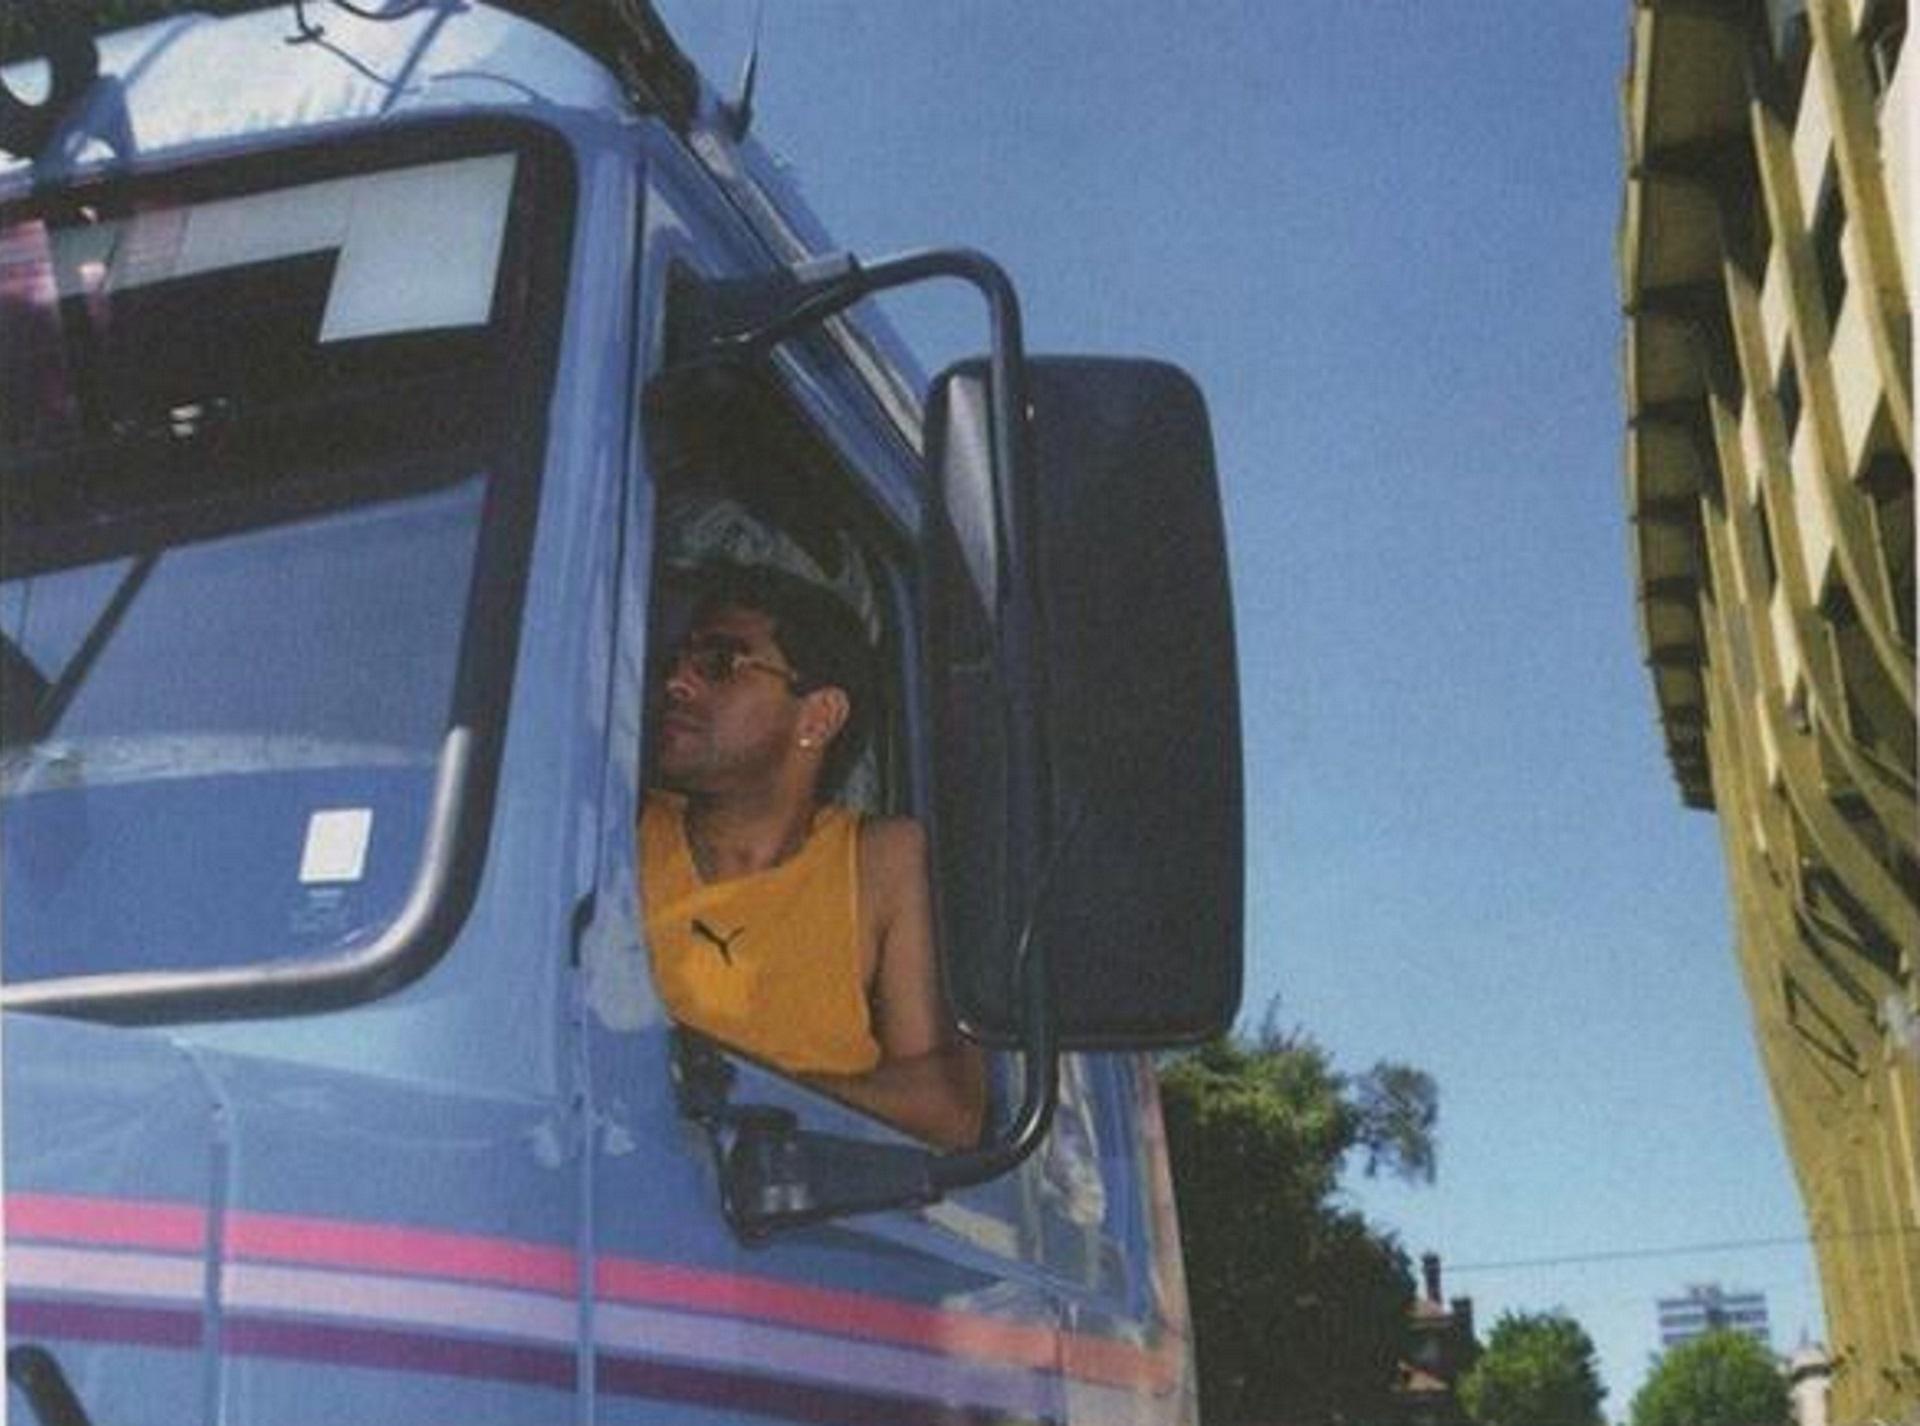 En su segunda época en Boca, llegó a la práctica con un Scania 360 azul, modelo 113H